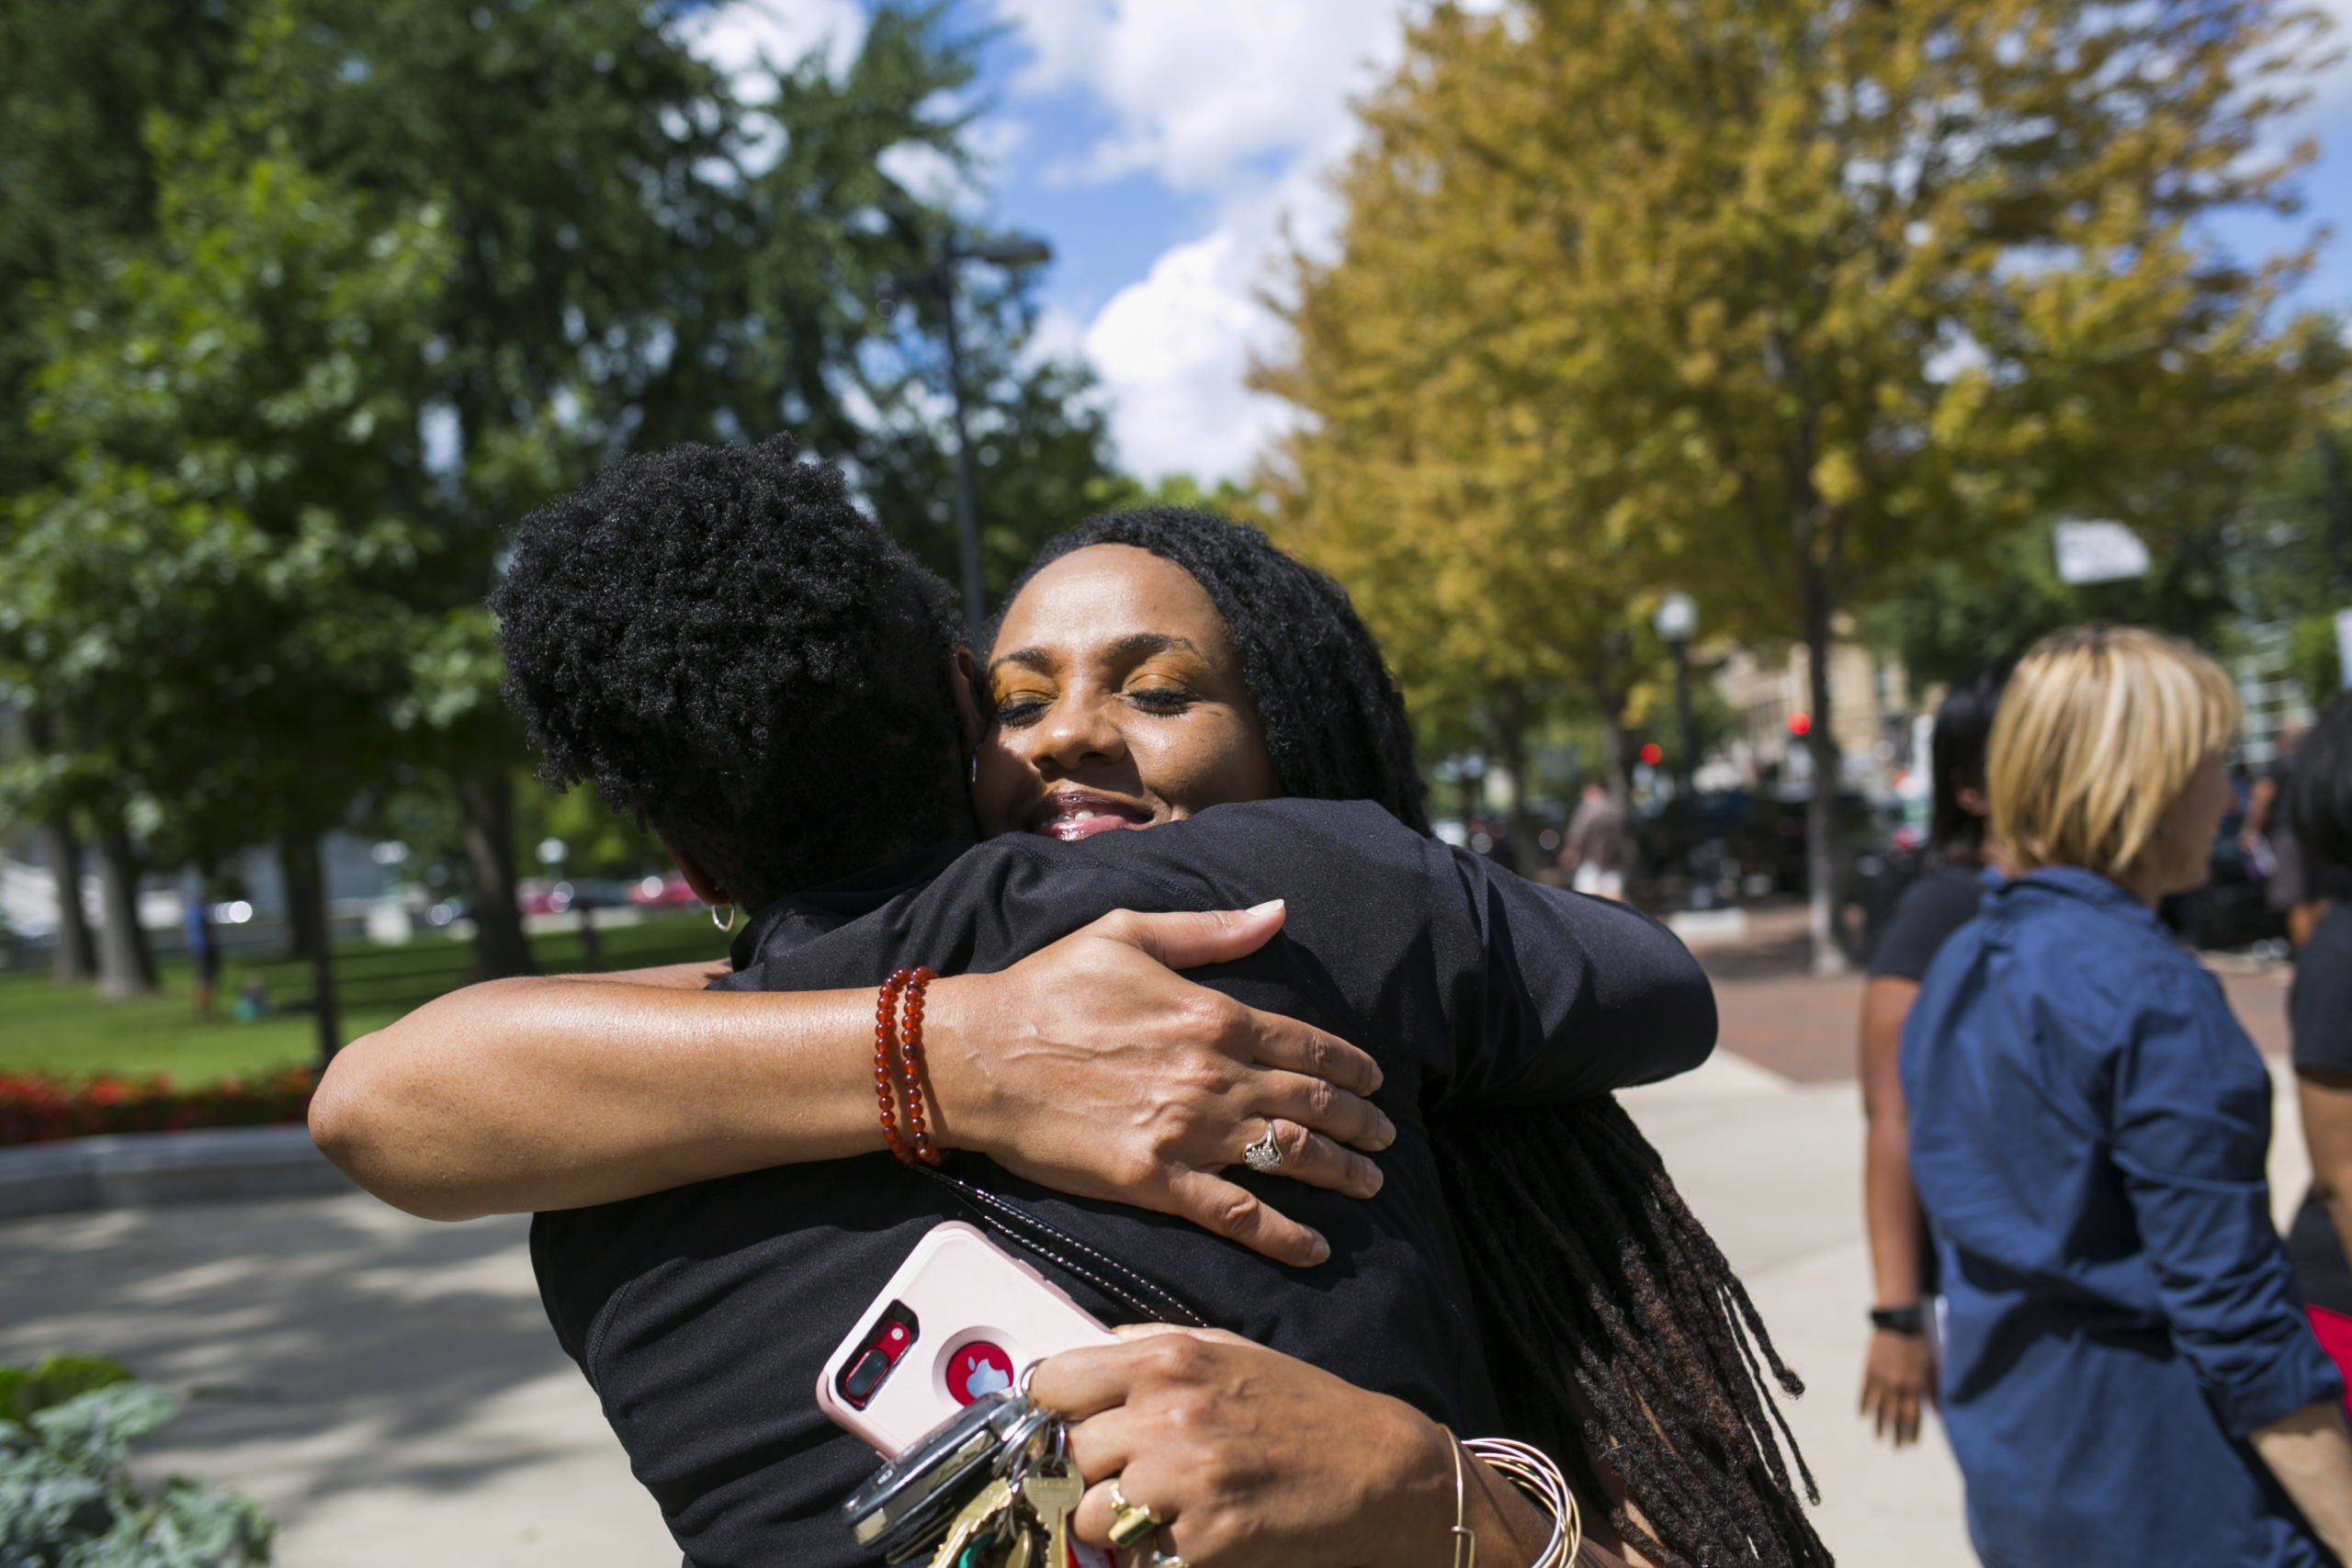 Dos mujeres abrazándose en la calle